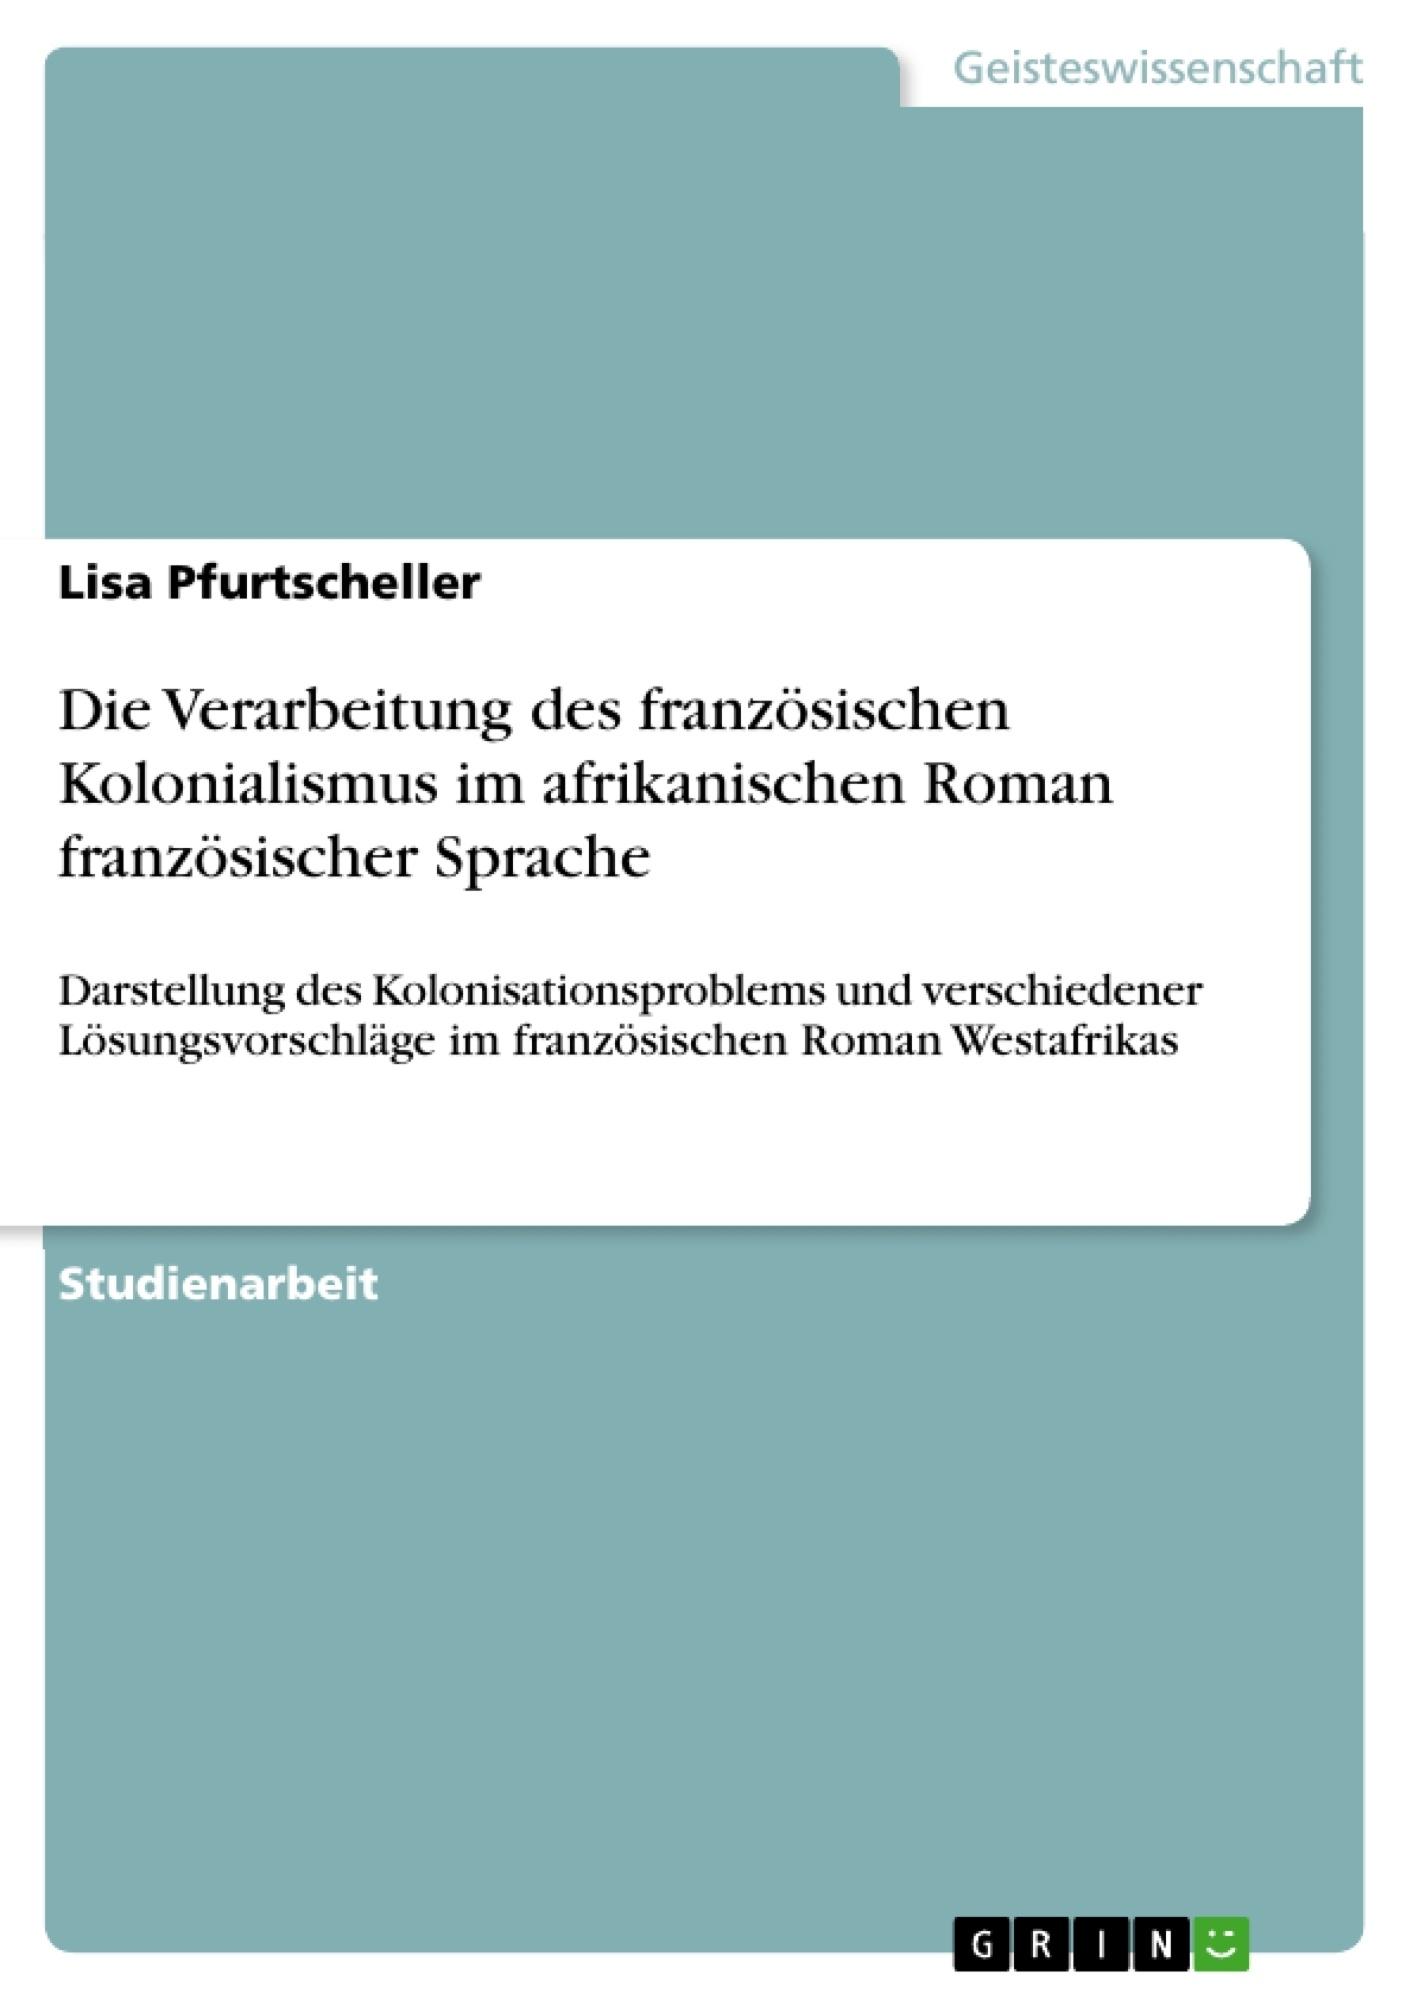 Titel: Die Verarbeitung des französischen Kolonialismus im afrikanischen Roman französischer Sprache